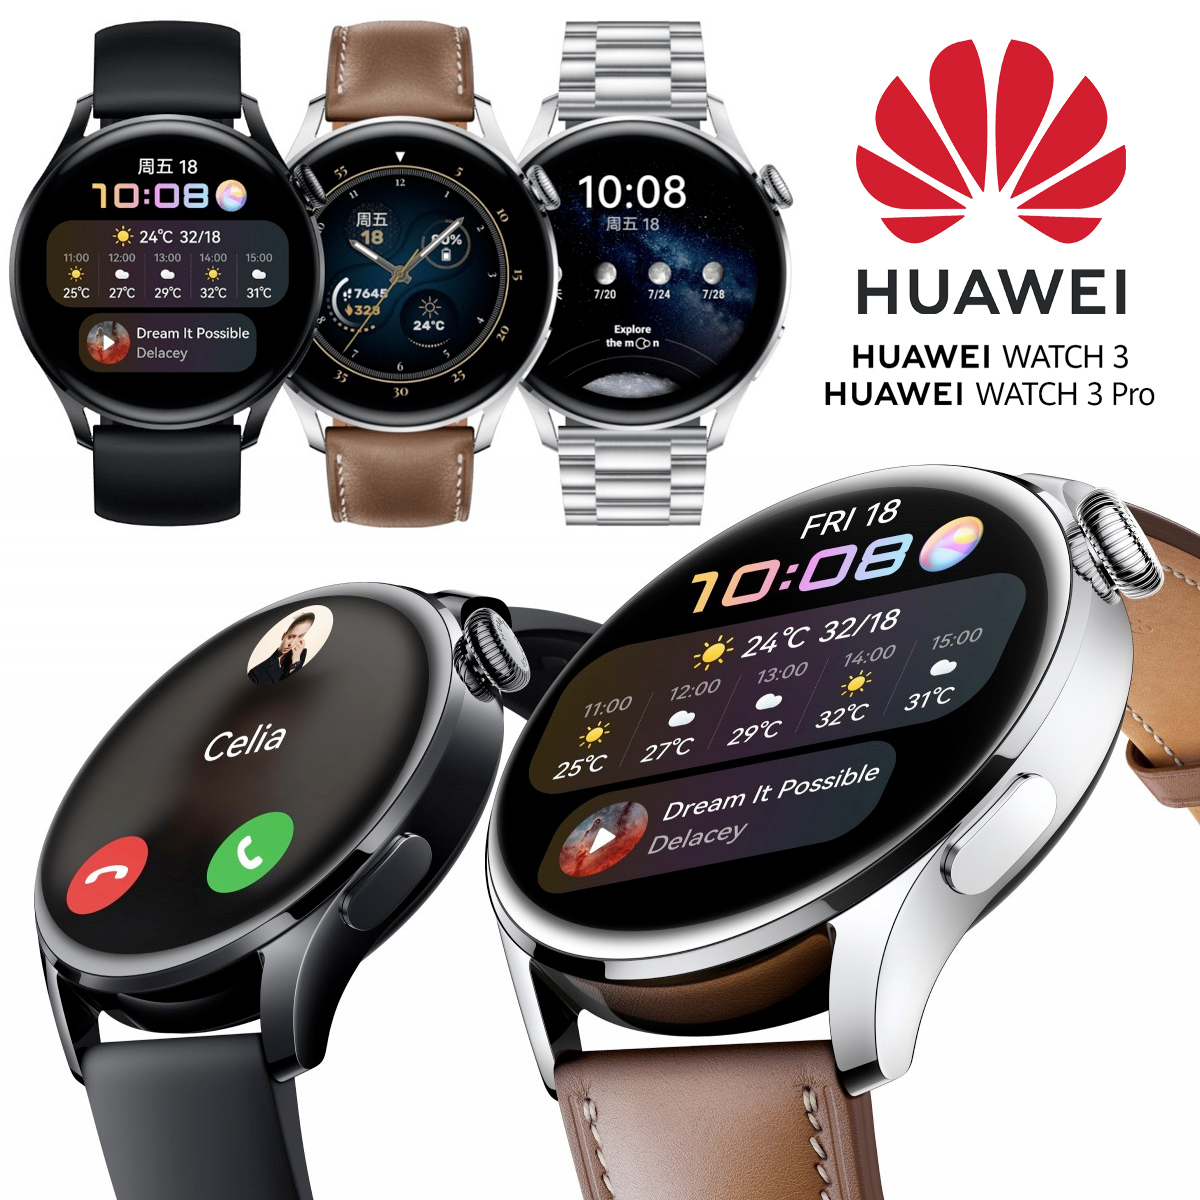 20210602relogios-smartwatch-huawei-watch-3-e-pro-01.jpg